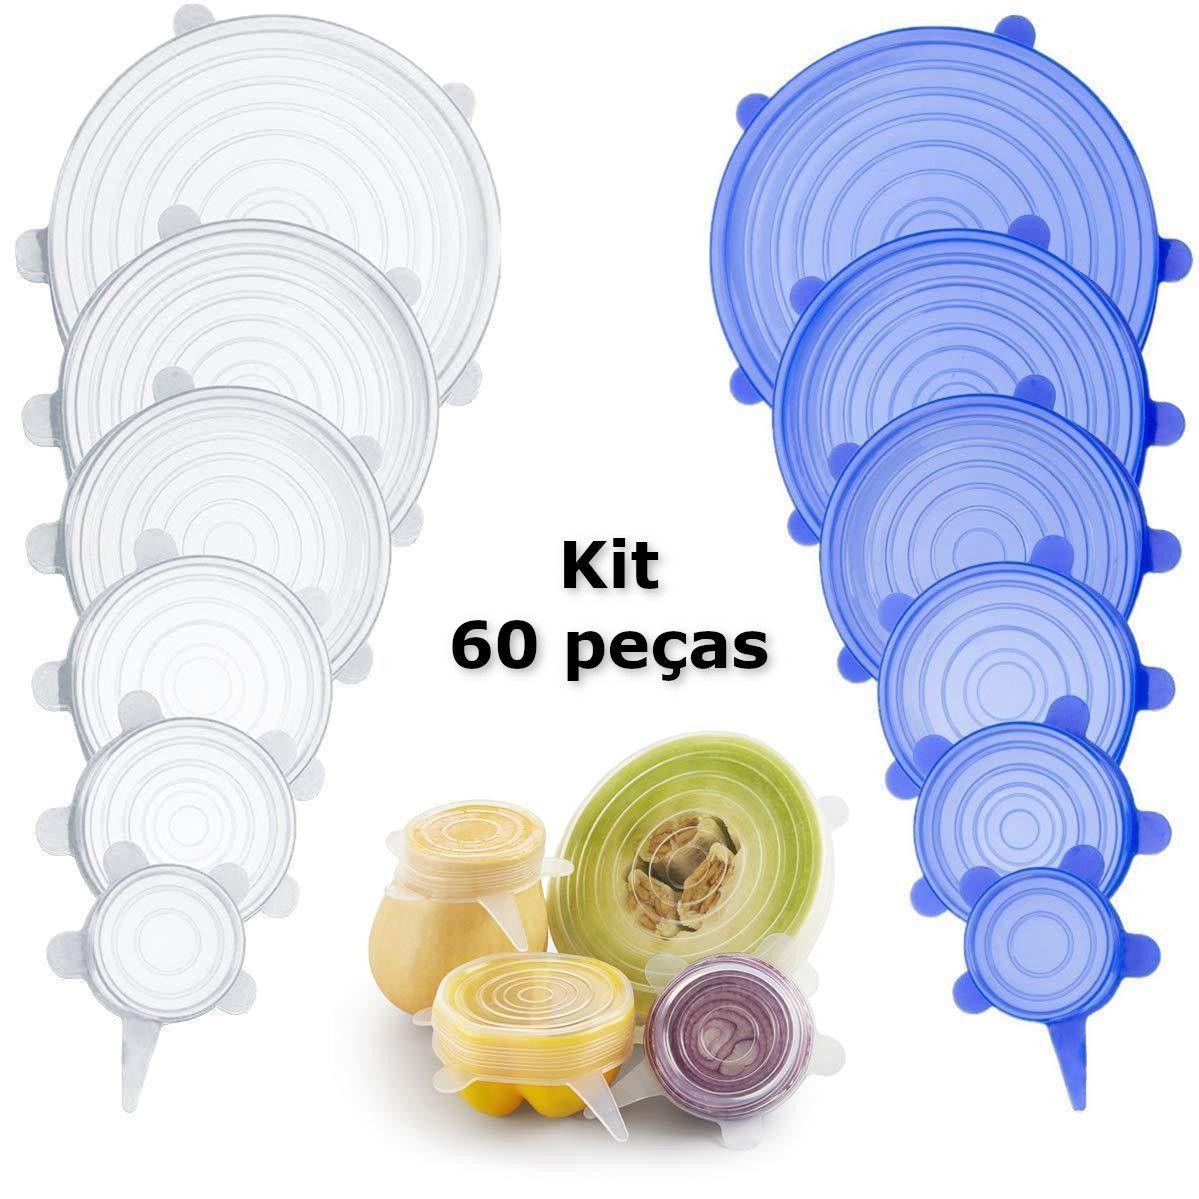 Kit 60 Tampas De Silicone Reutilizável Flexível Para Cozinha